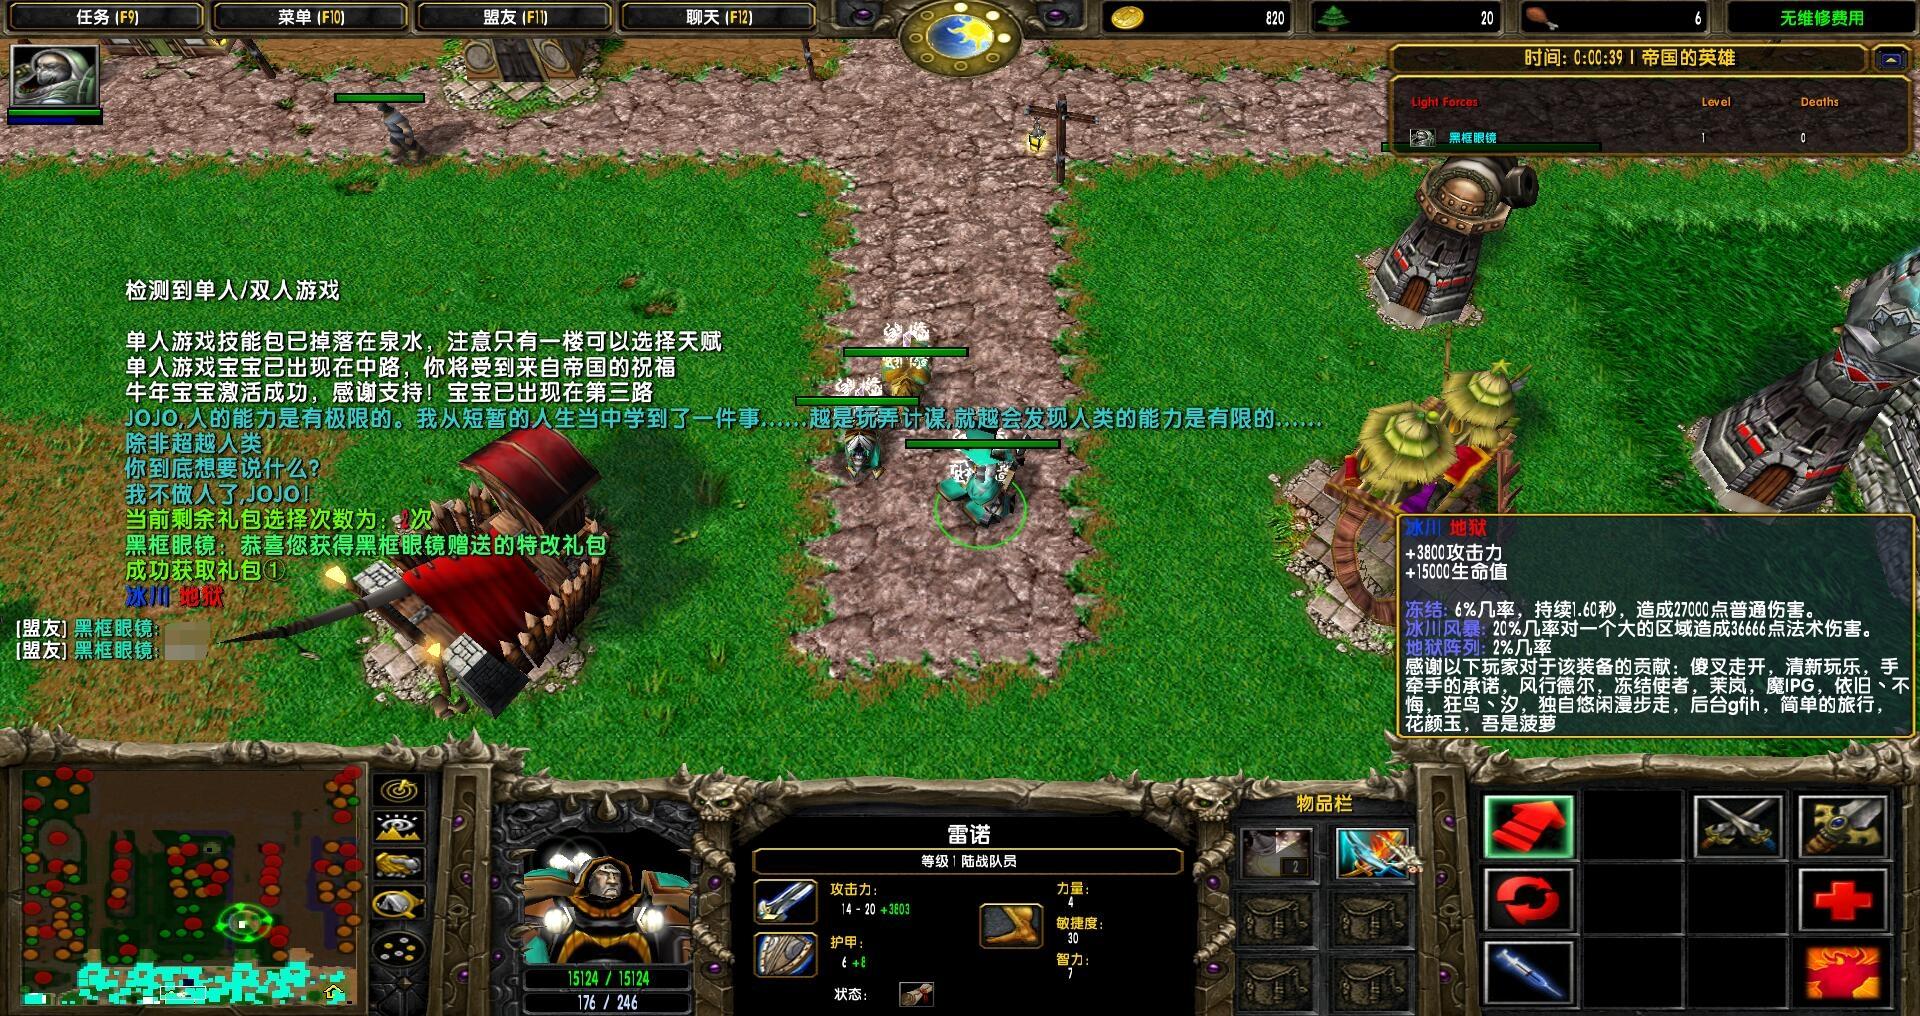 帝国的英雄1.4.8汉化版黑式破解